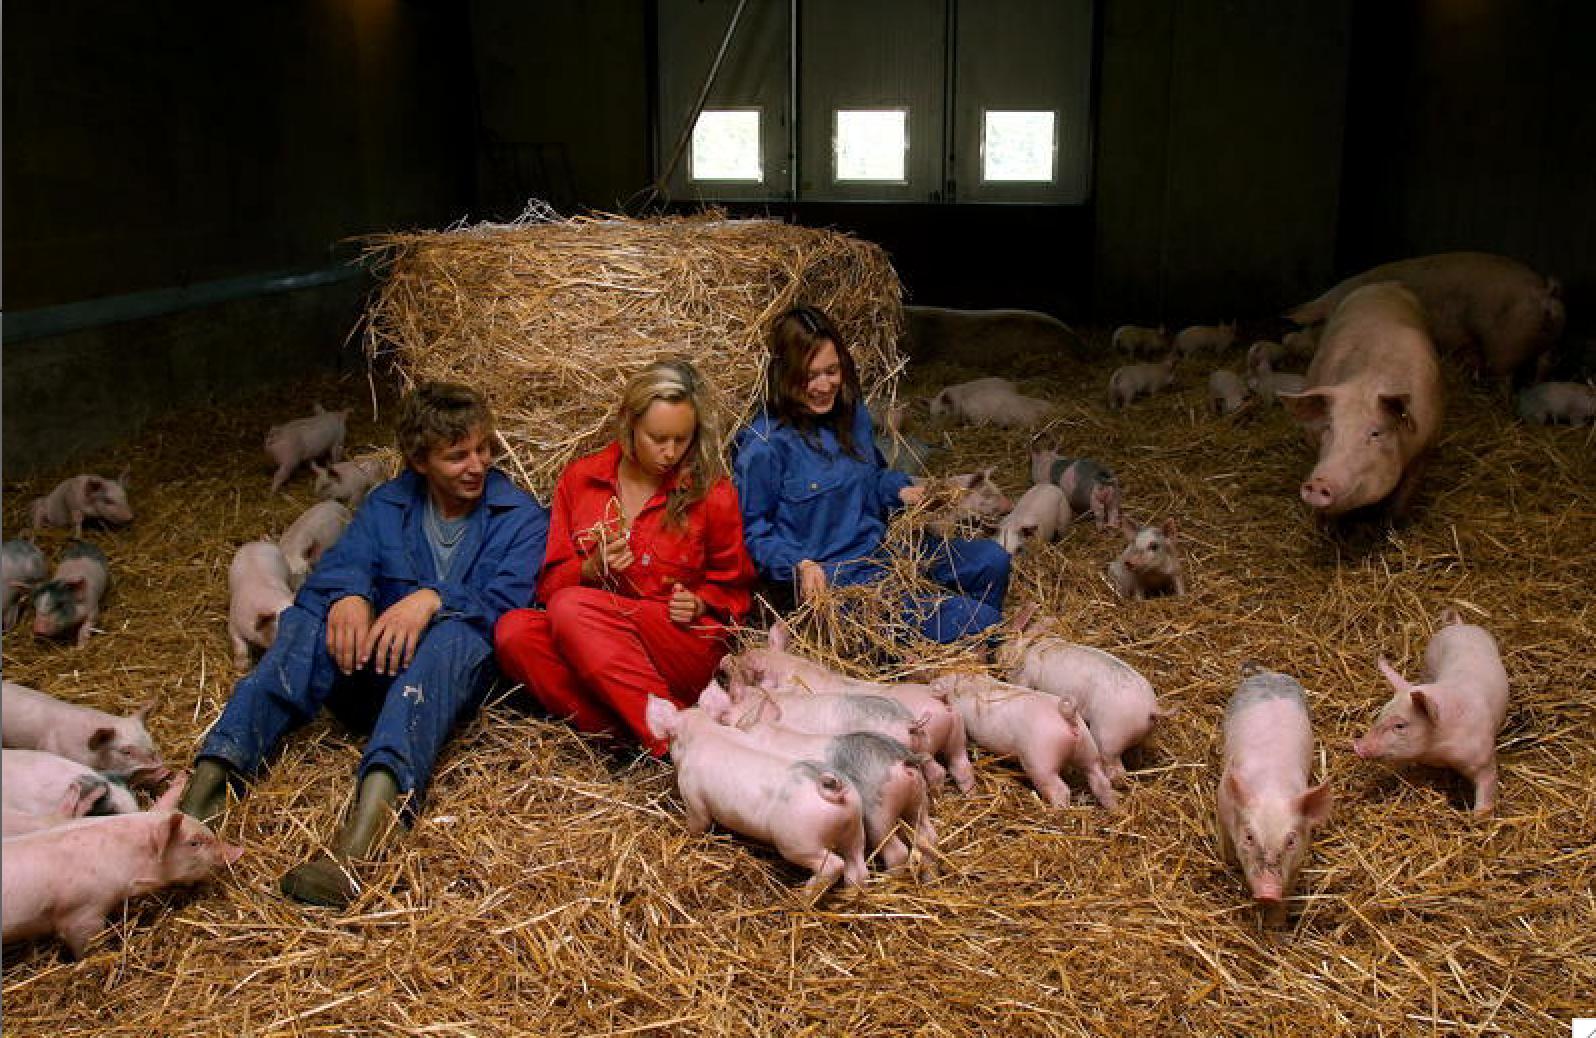 Foto: Pernilla Wahlman, när vi hälsade på hos grisbonden Karl Petter 2007.